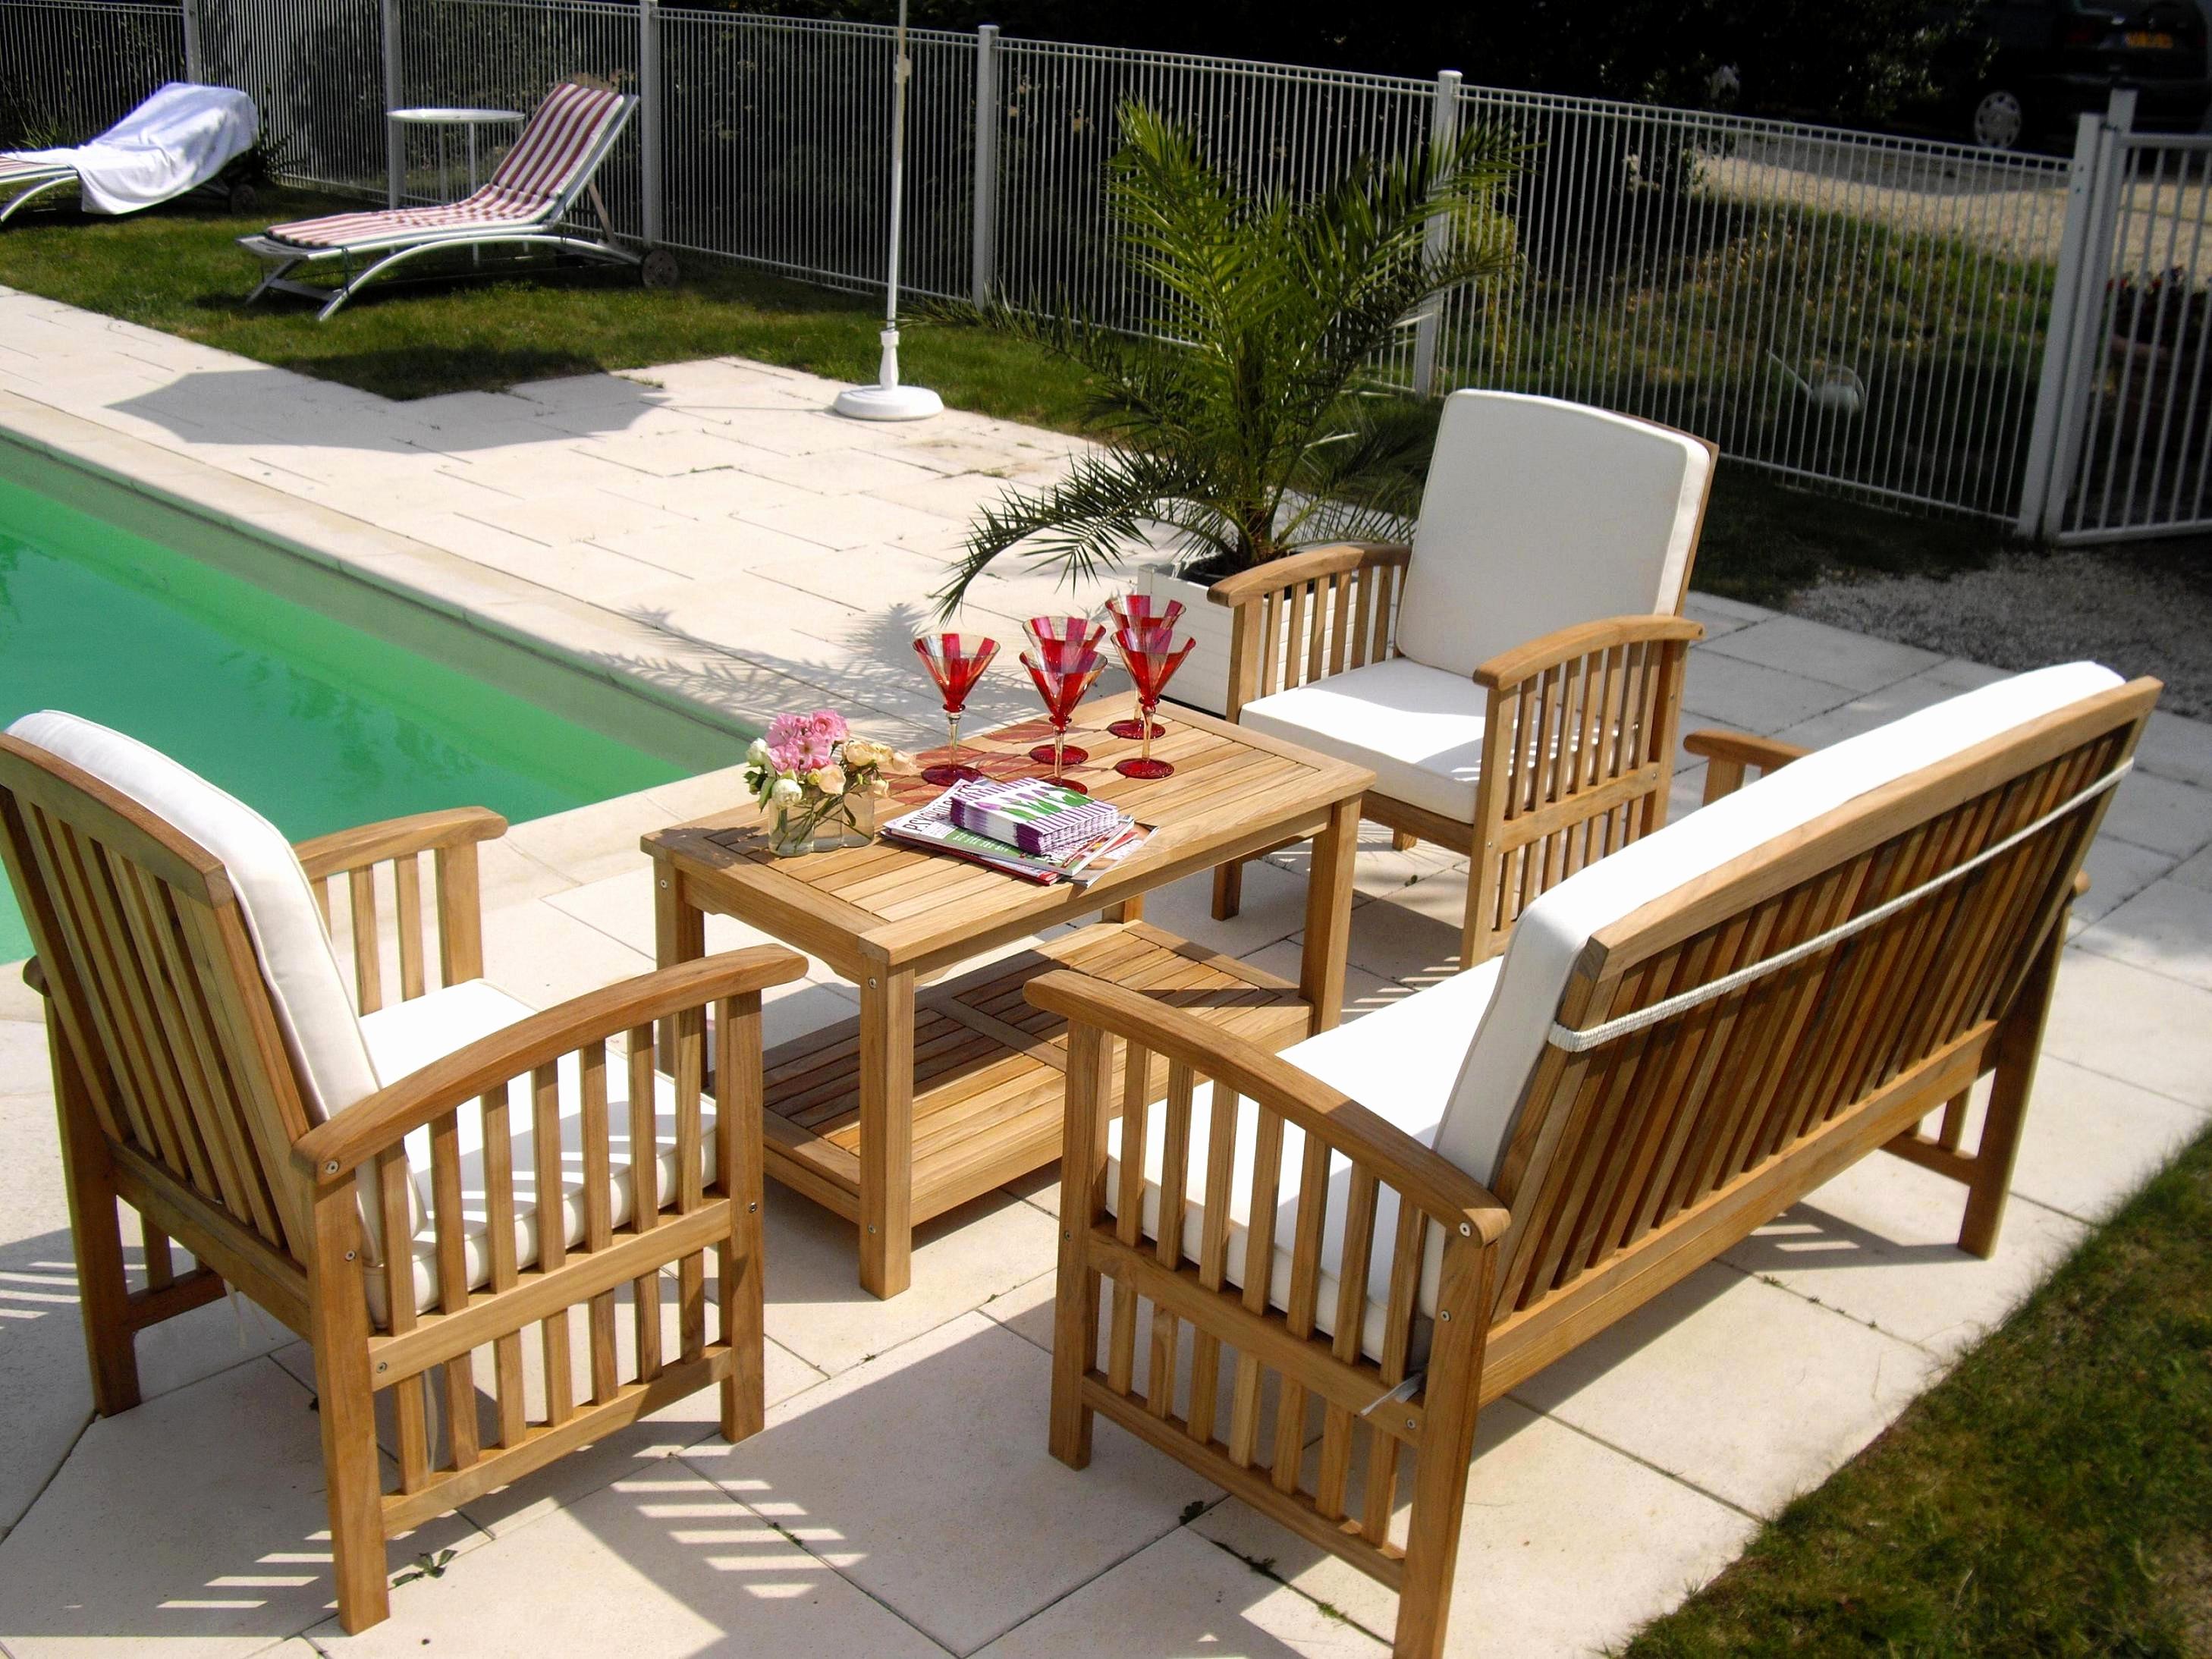 Chaises Jardin Leclerc Luxe Collection Fauteuil Jardin Leclerc Luxe Abri De Jardin En Bois Leclerc De